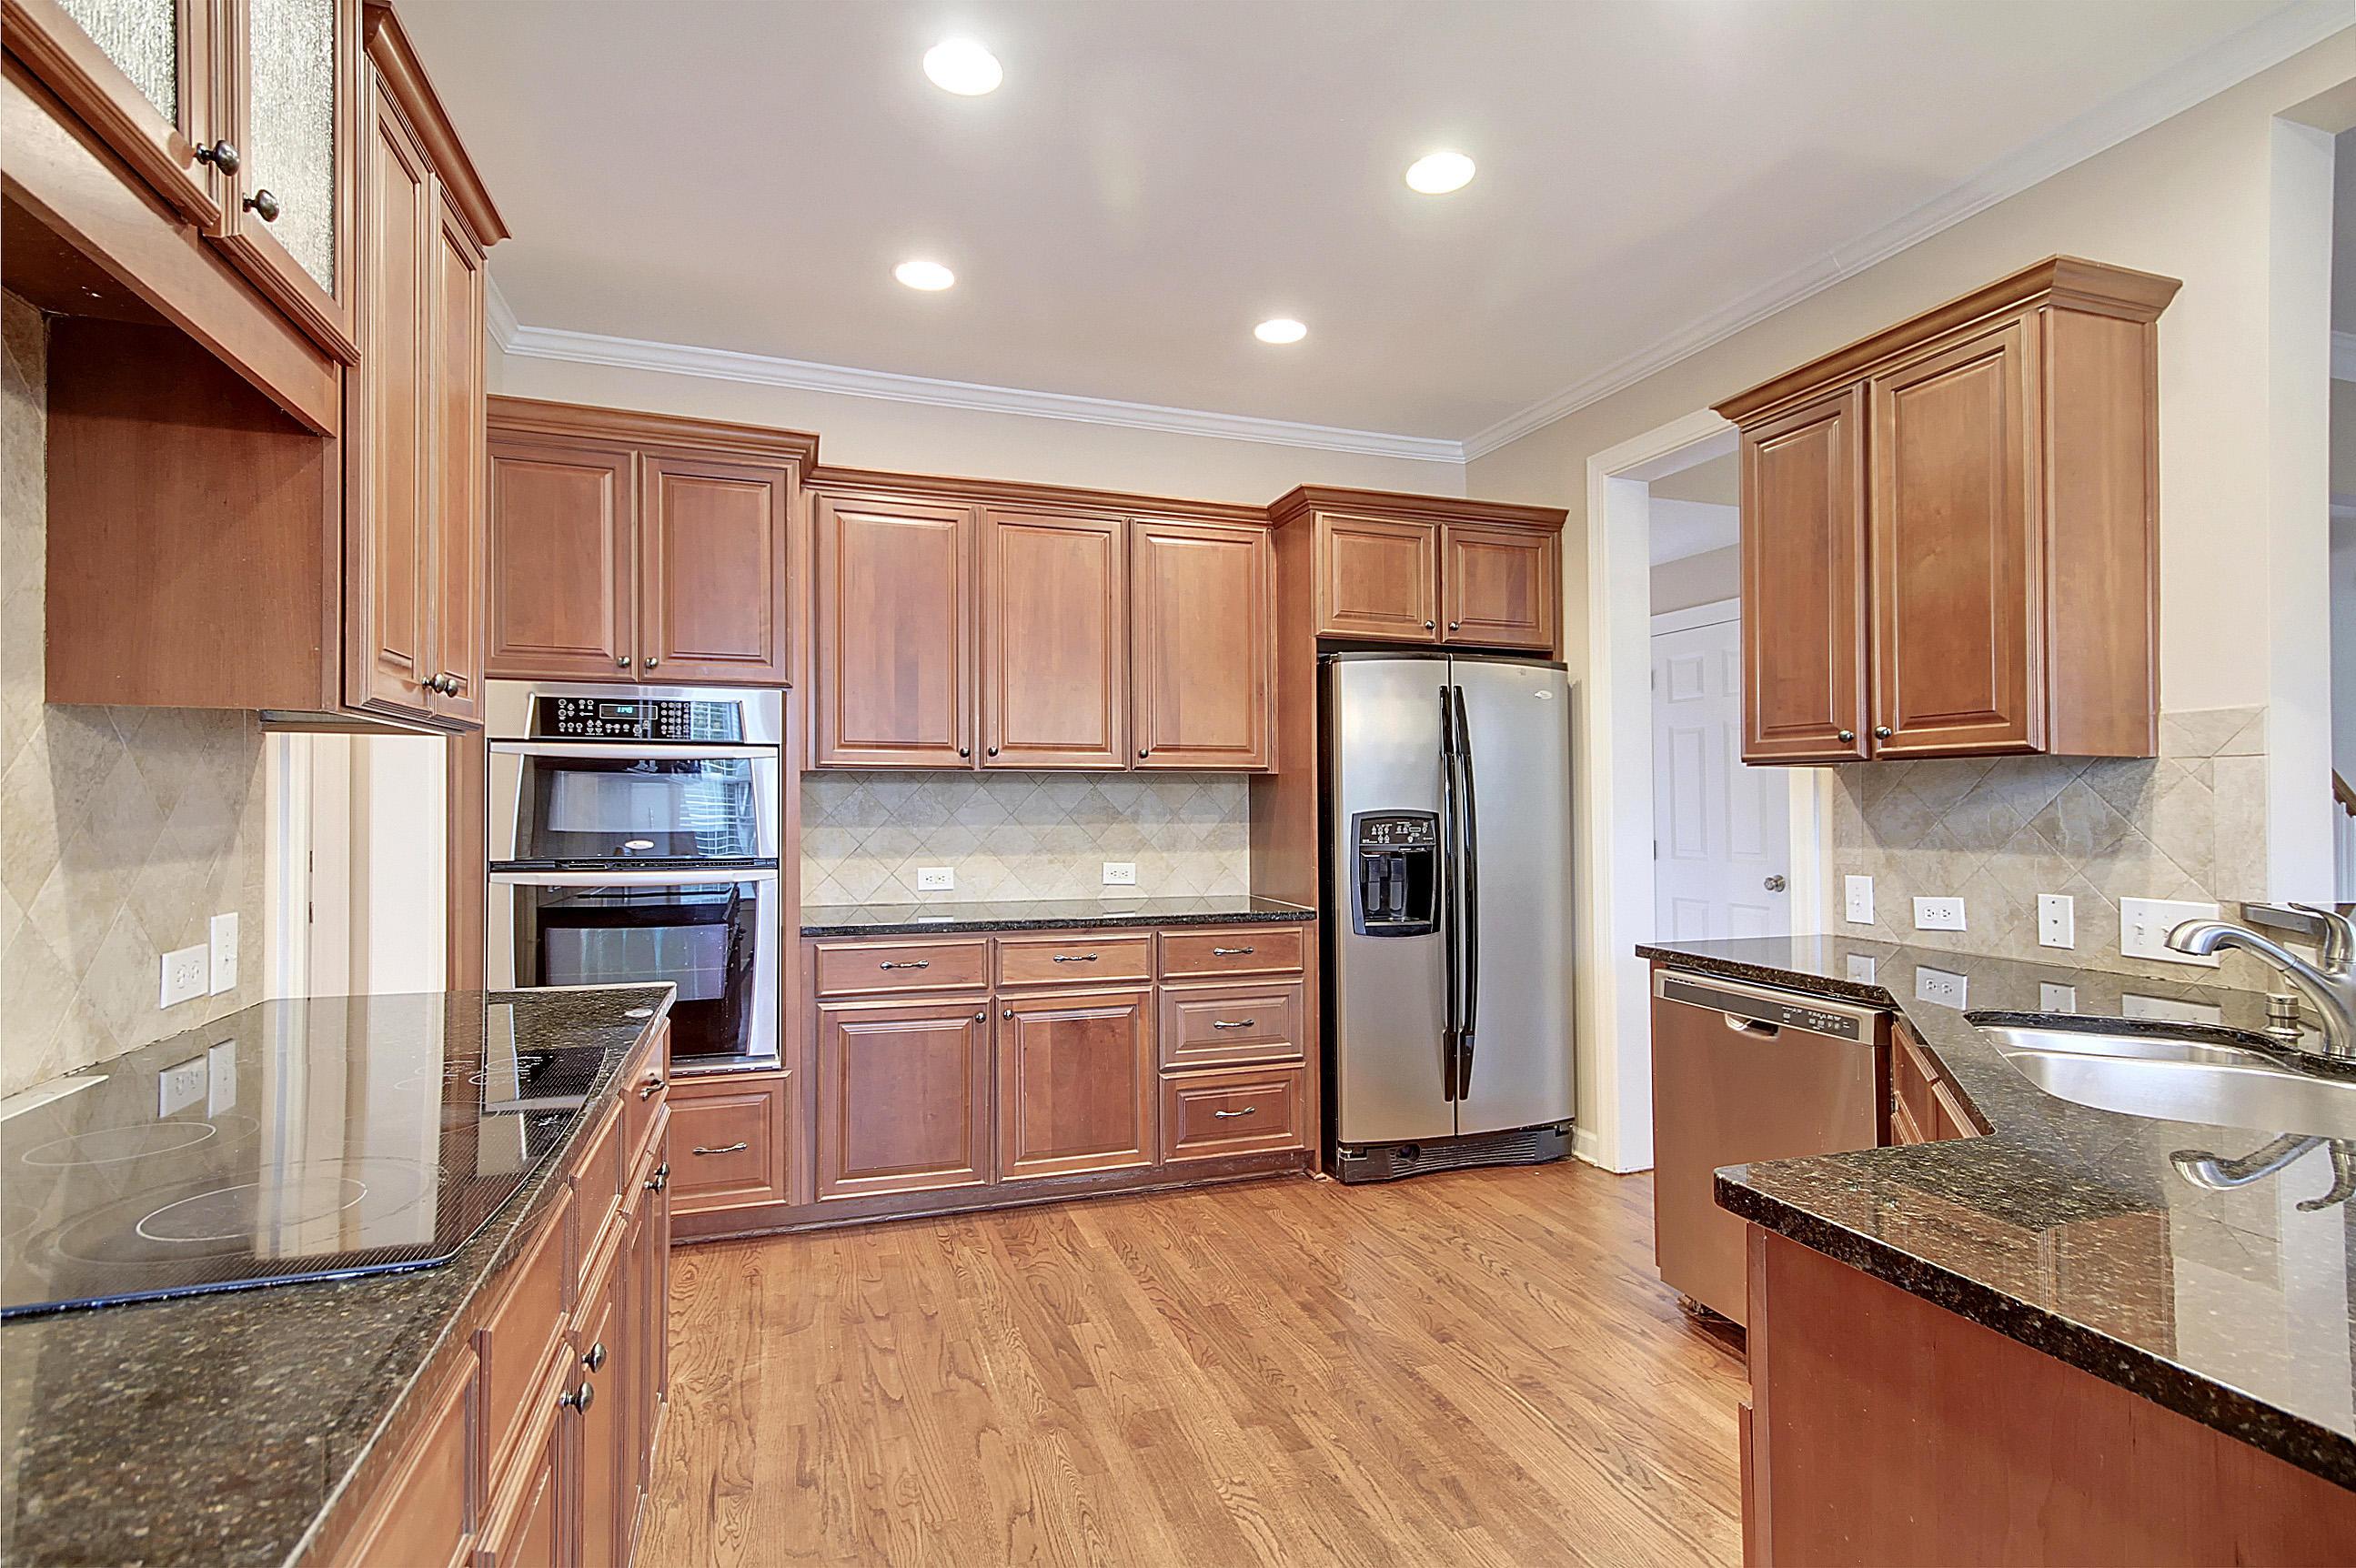 Dunes West Homes For Sale - 1501 Jacaranda, Mount Pleasant, SC - 16